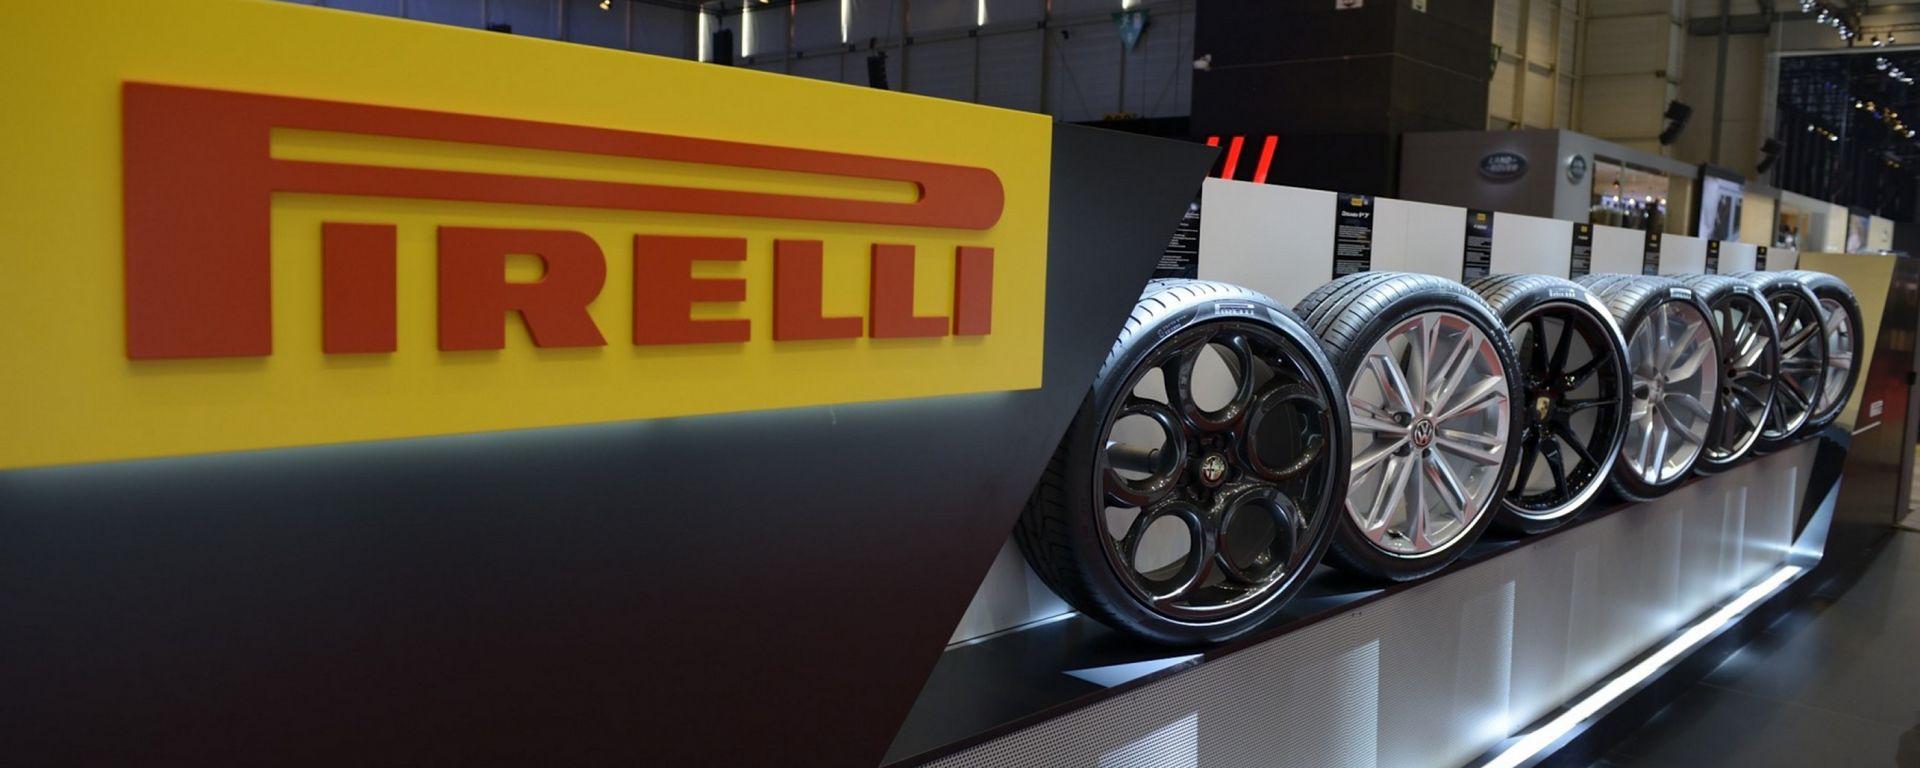 Pirelli: P Zero e Scorpion star di Ginevra